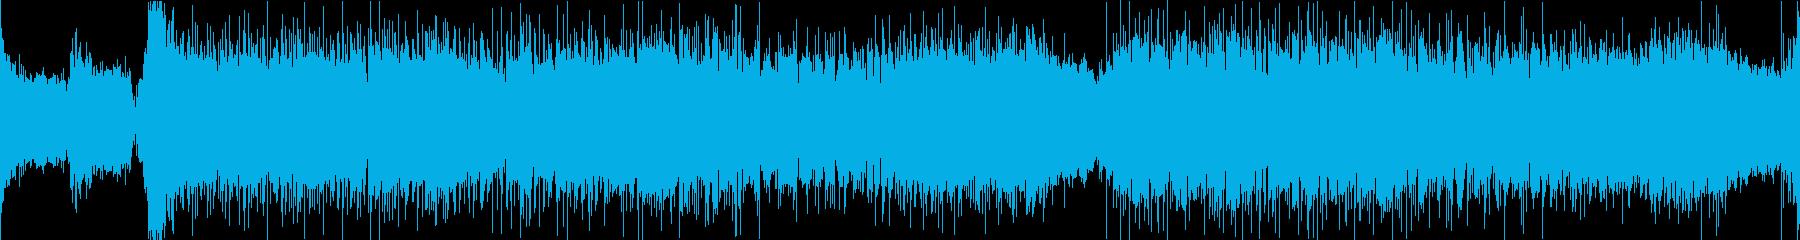 スピード感のある激しいボス戦曲/ループ可の再生済みの波形